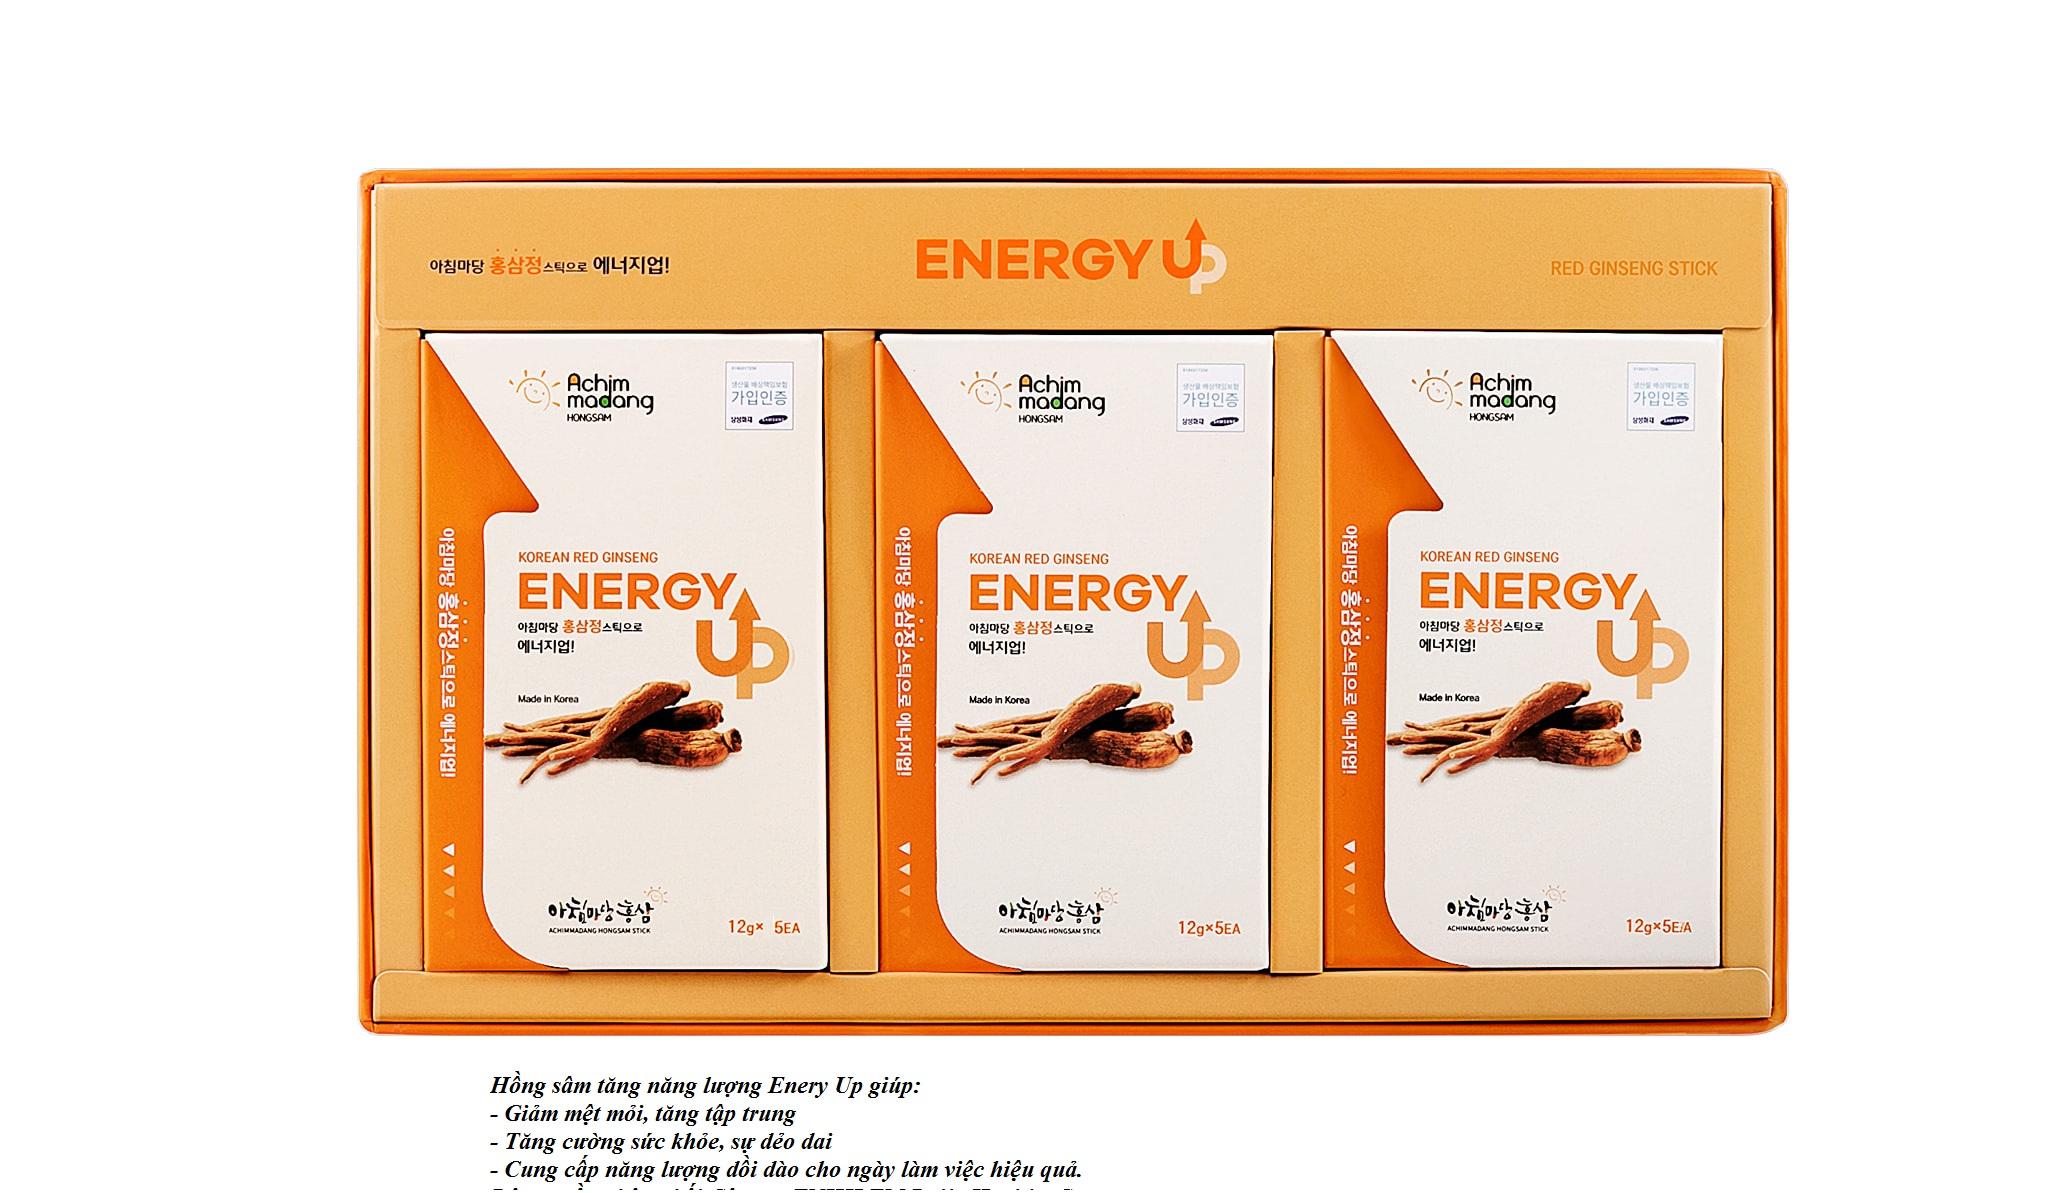 hồng sâm tăng năng lượng Enery UP